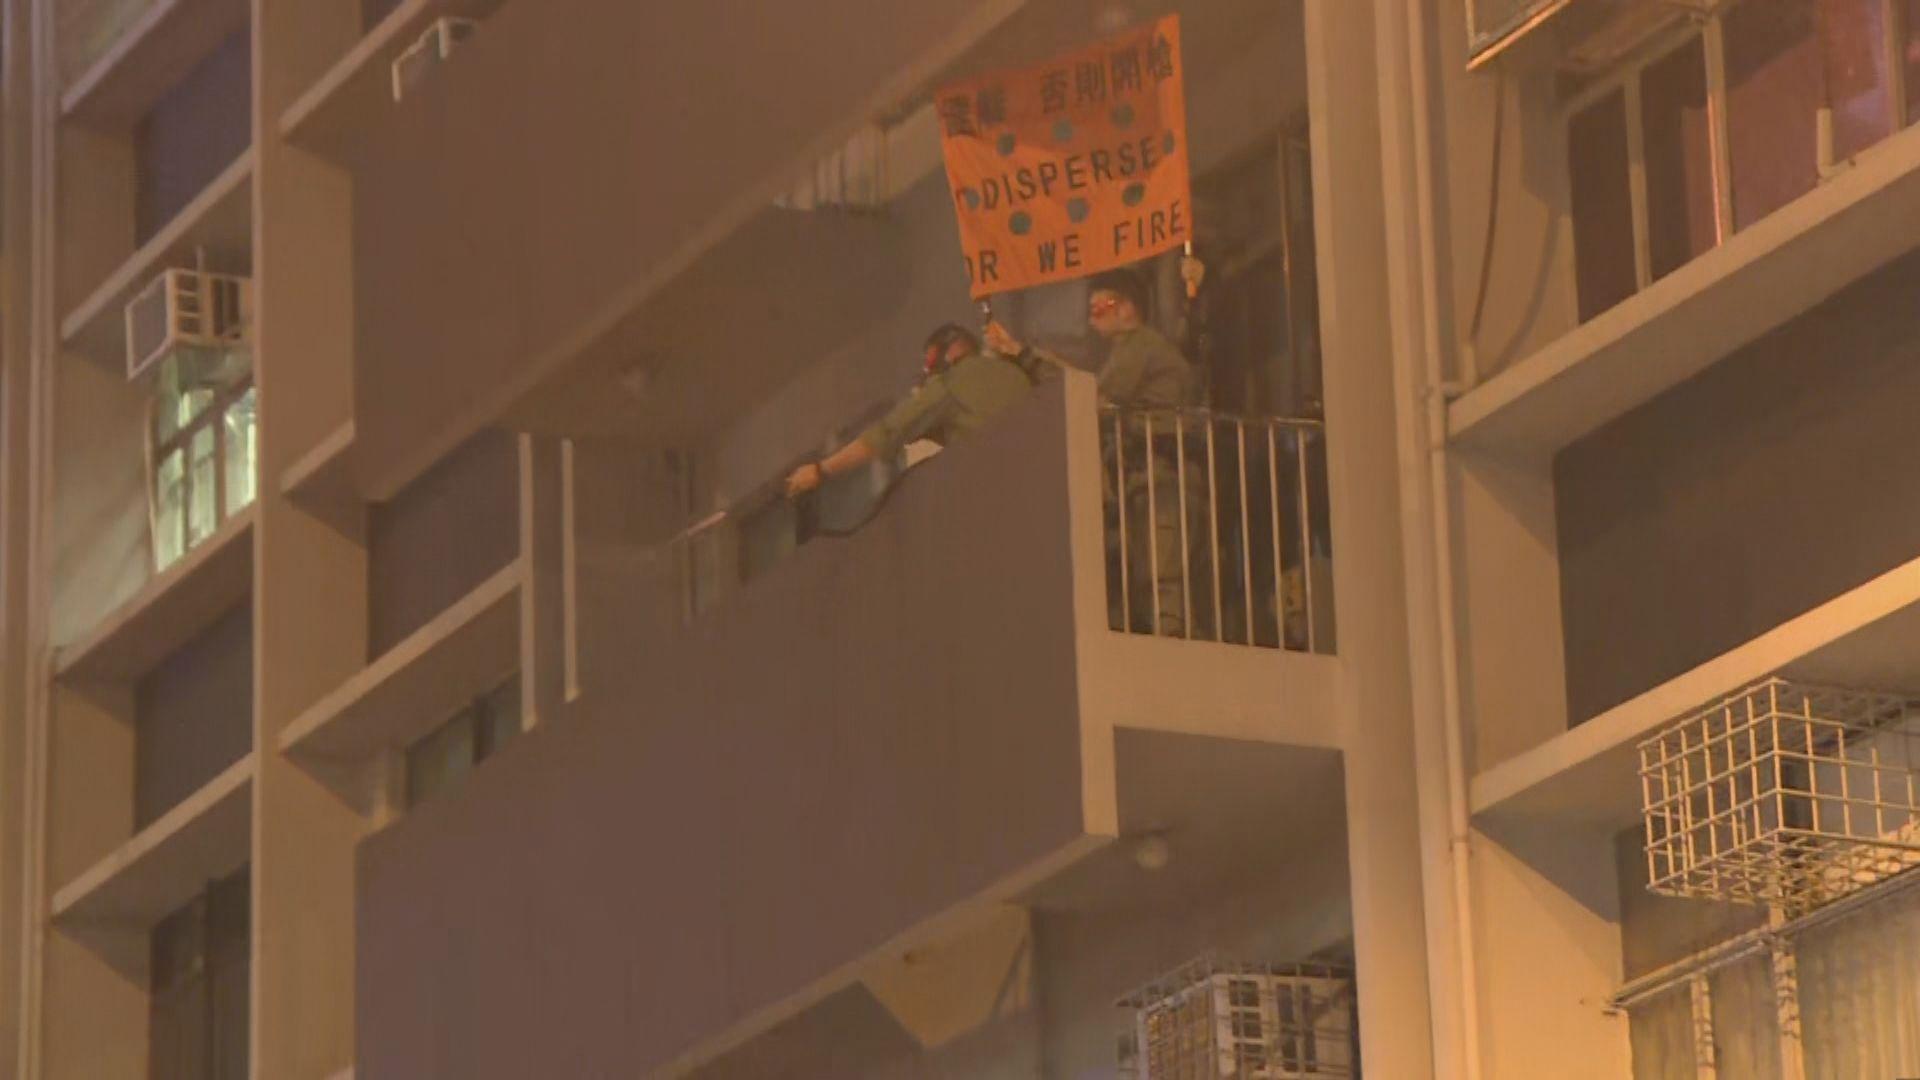 示威者旺角警署擲玻璃瓶 警員發射布袋彈